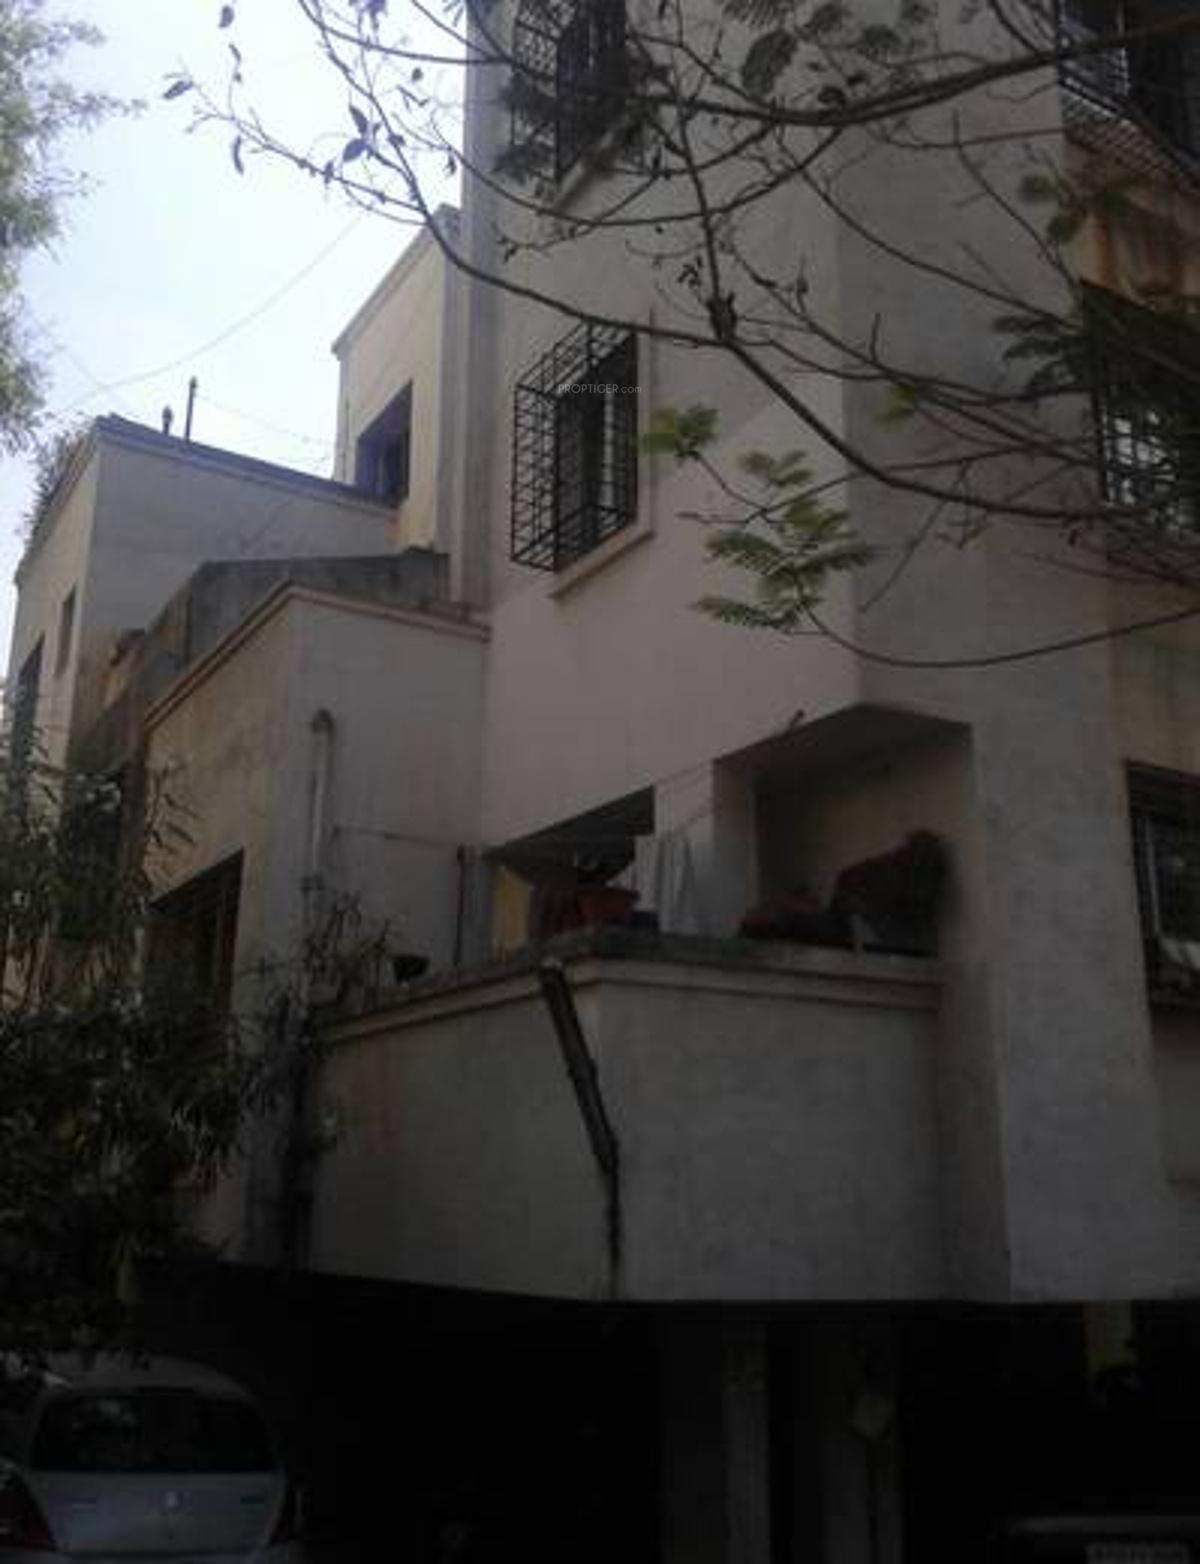 Kachare president terrace in kothrud pune price for Terrace elevation